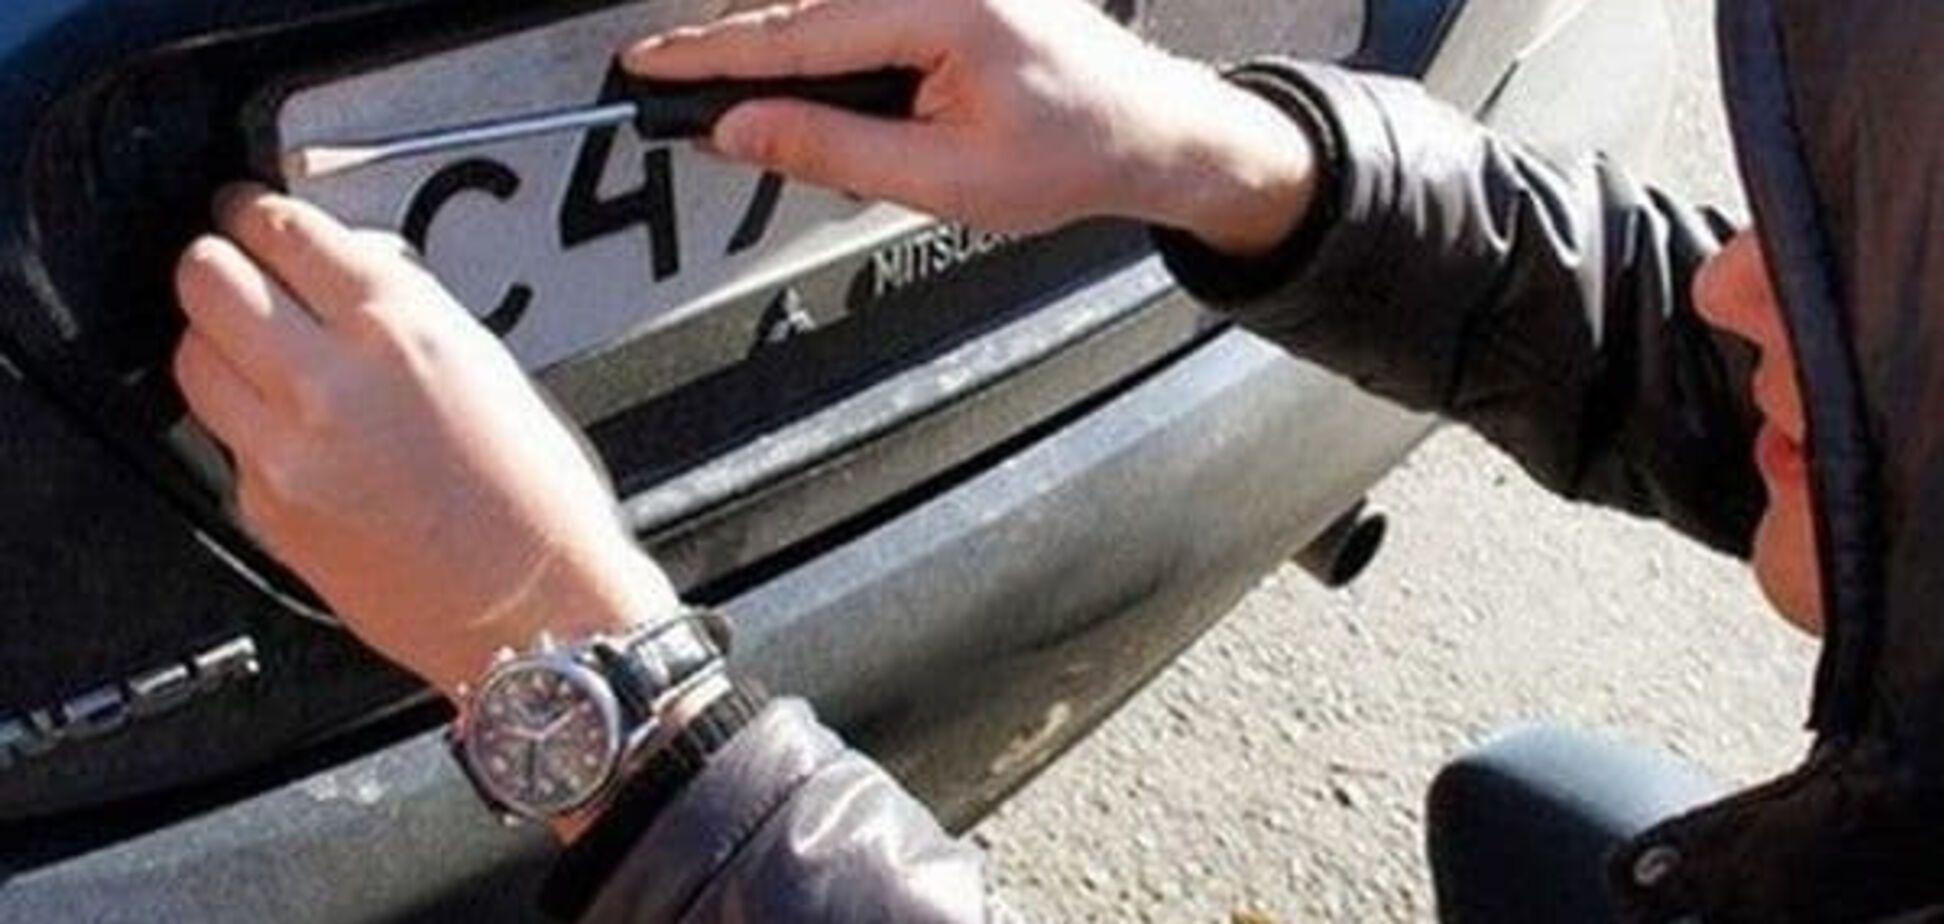 У Києві кримінал познущався над автомобілем дипломата